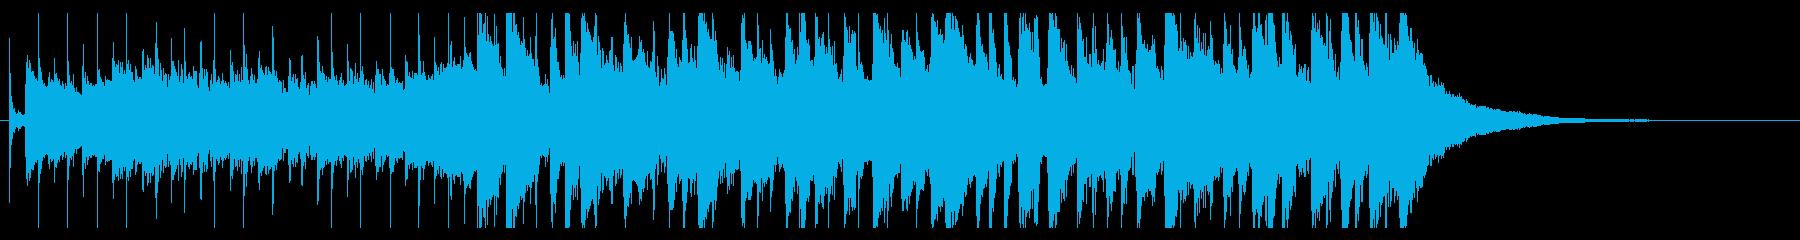 爽やかギターポップオープニングジングル の再生済みの波形